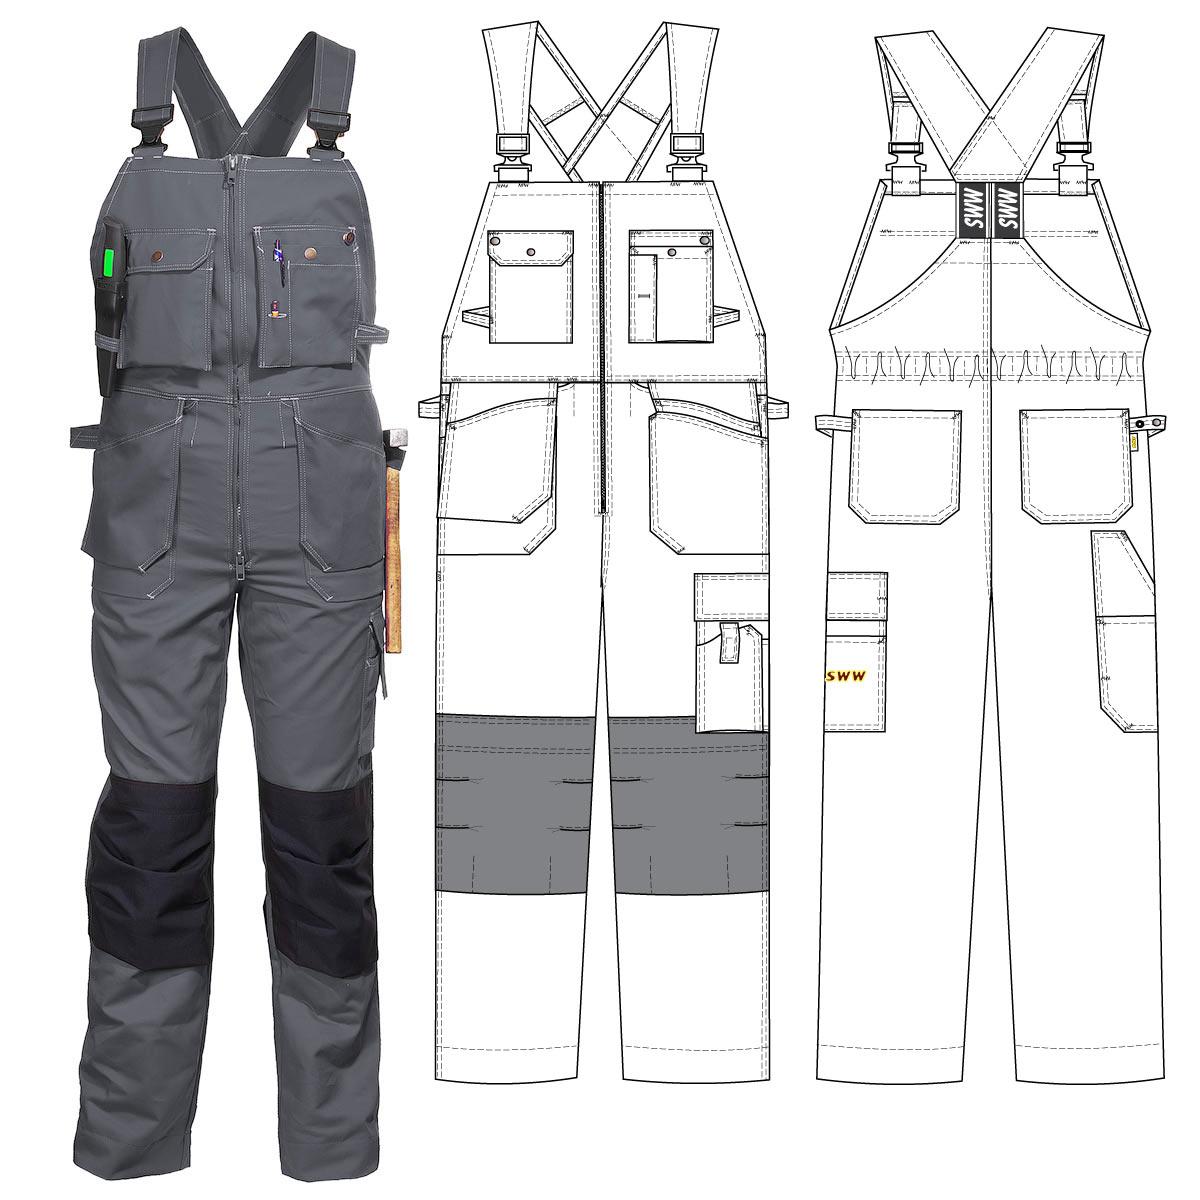 Полукомбинезон рабочий летний тёмно-синий 51-2-FAS-58 из хлопка FAS с наколенниками и 12 карманами в интернет-магазине sww.com.ru